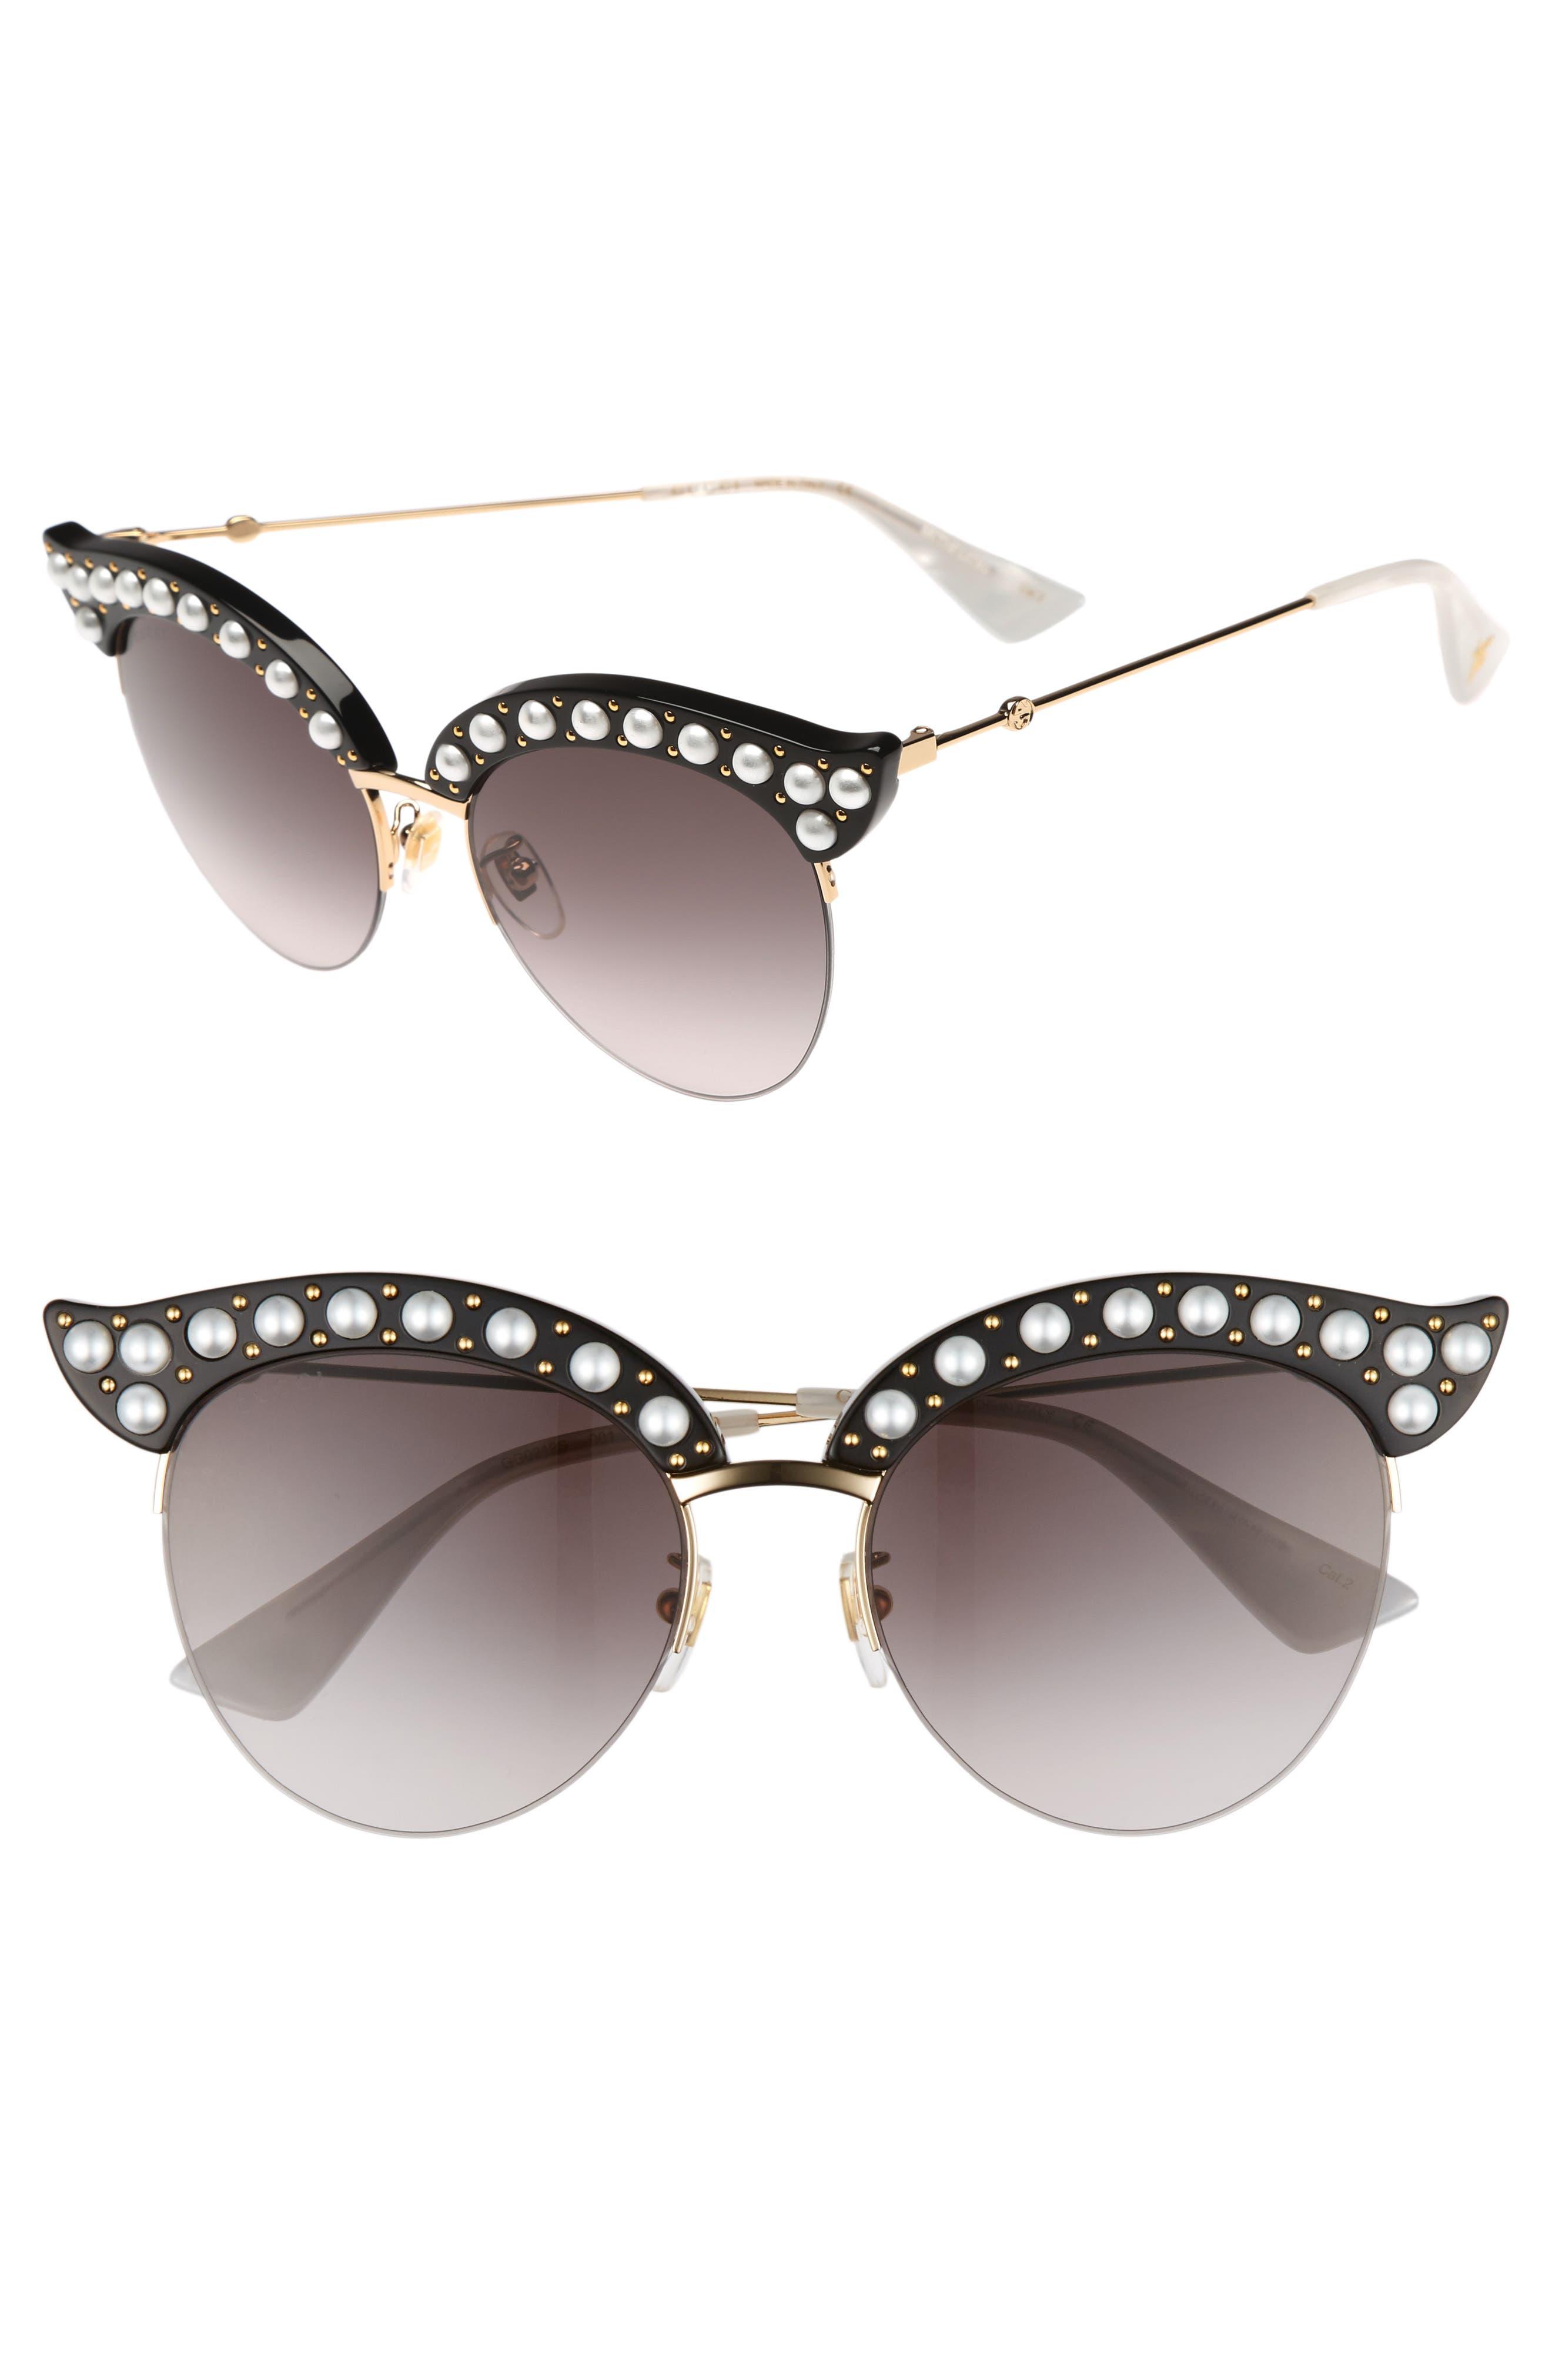 53mm Embellished Cat Eye Sunglasses,                         Main,                         color, BLACK